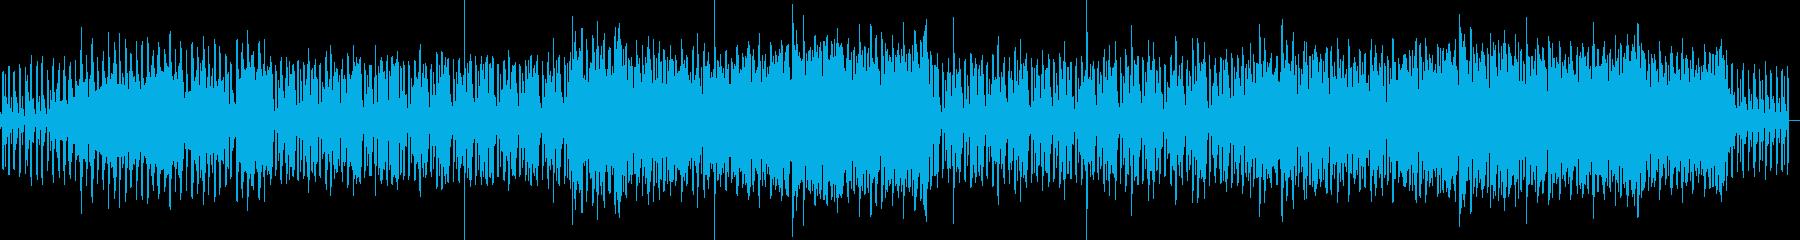 ハウスロックギターリフ。の再生済みの波形